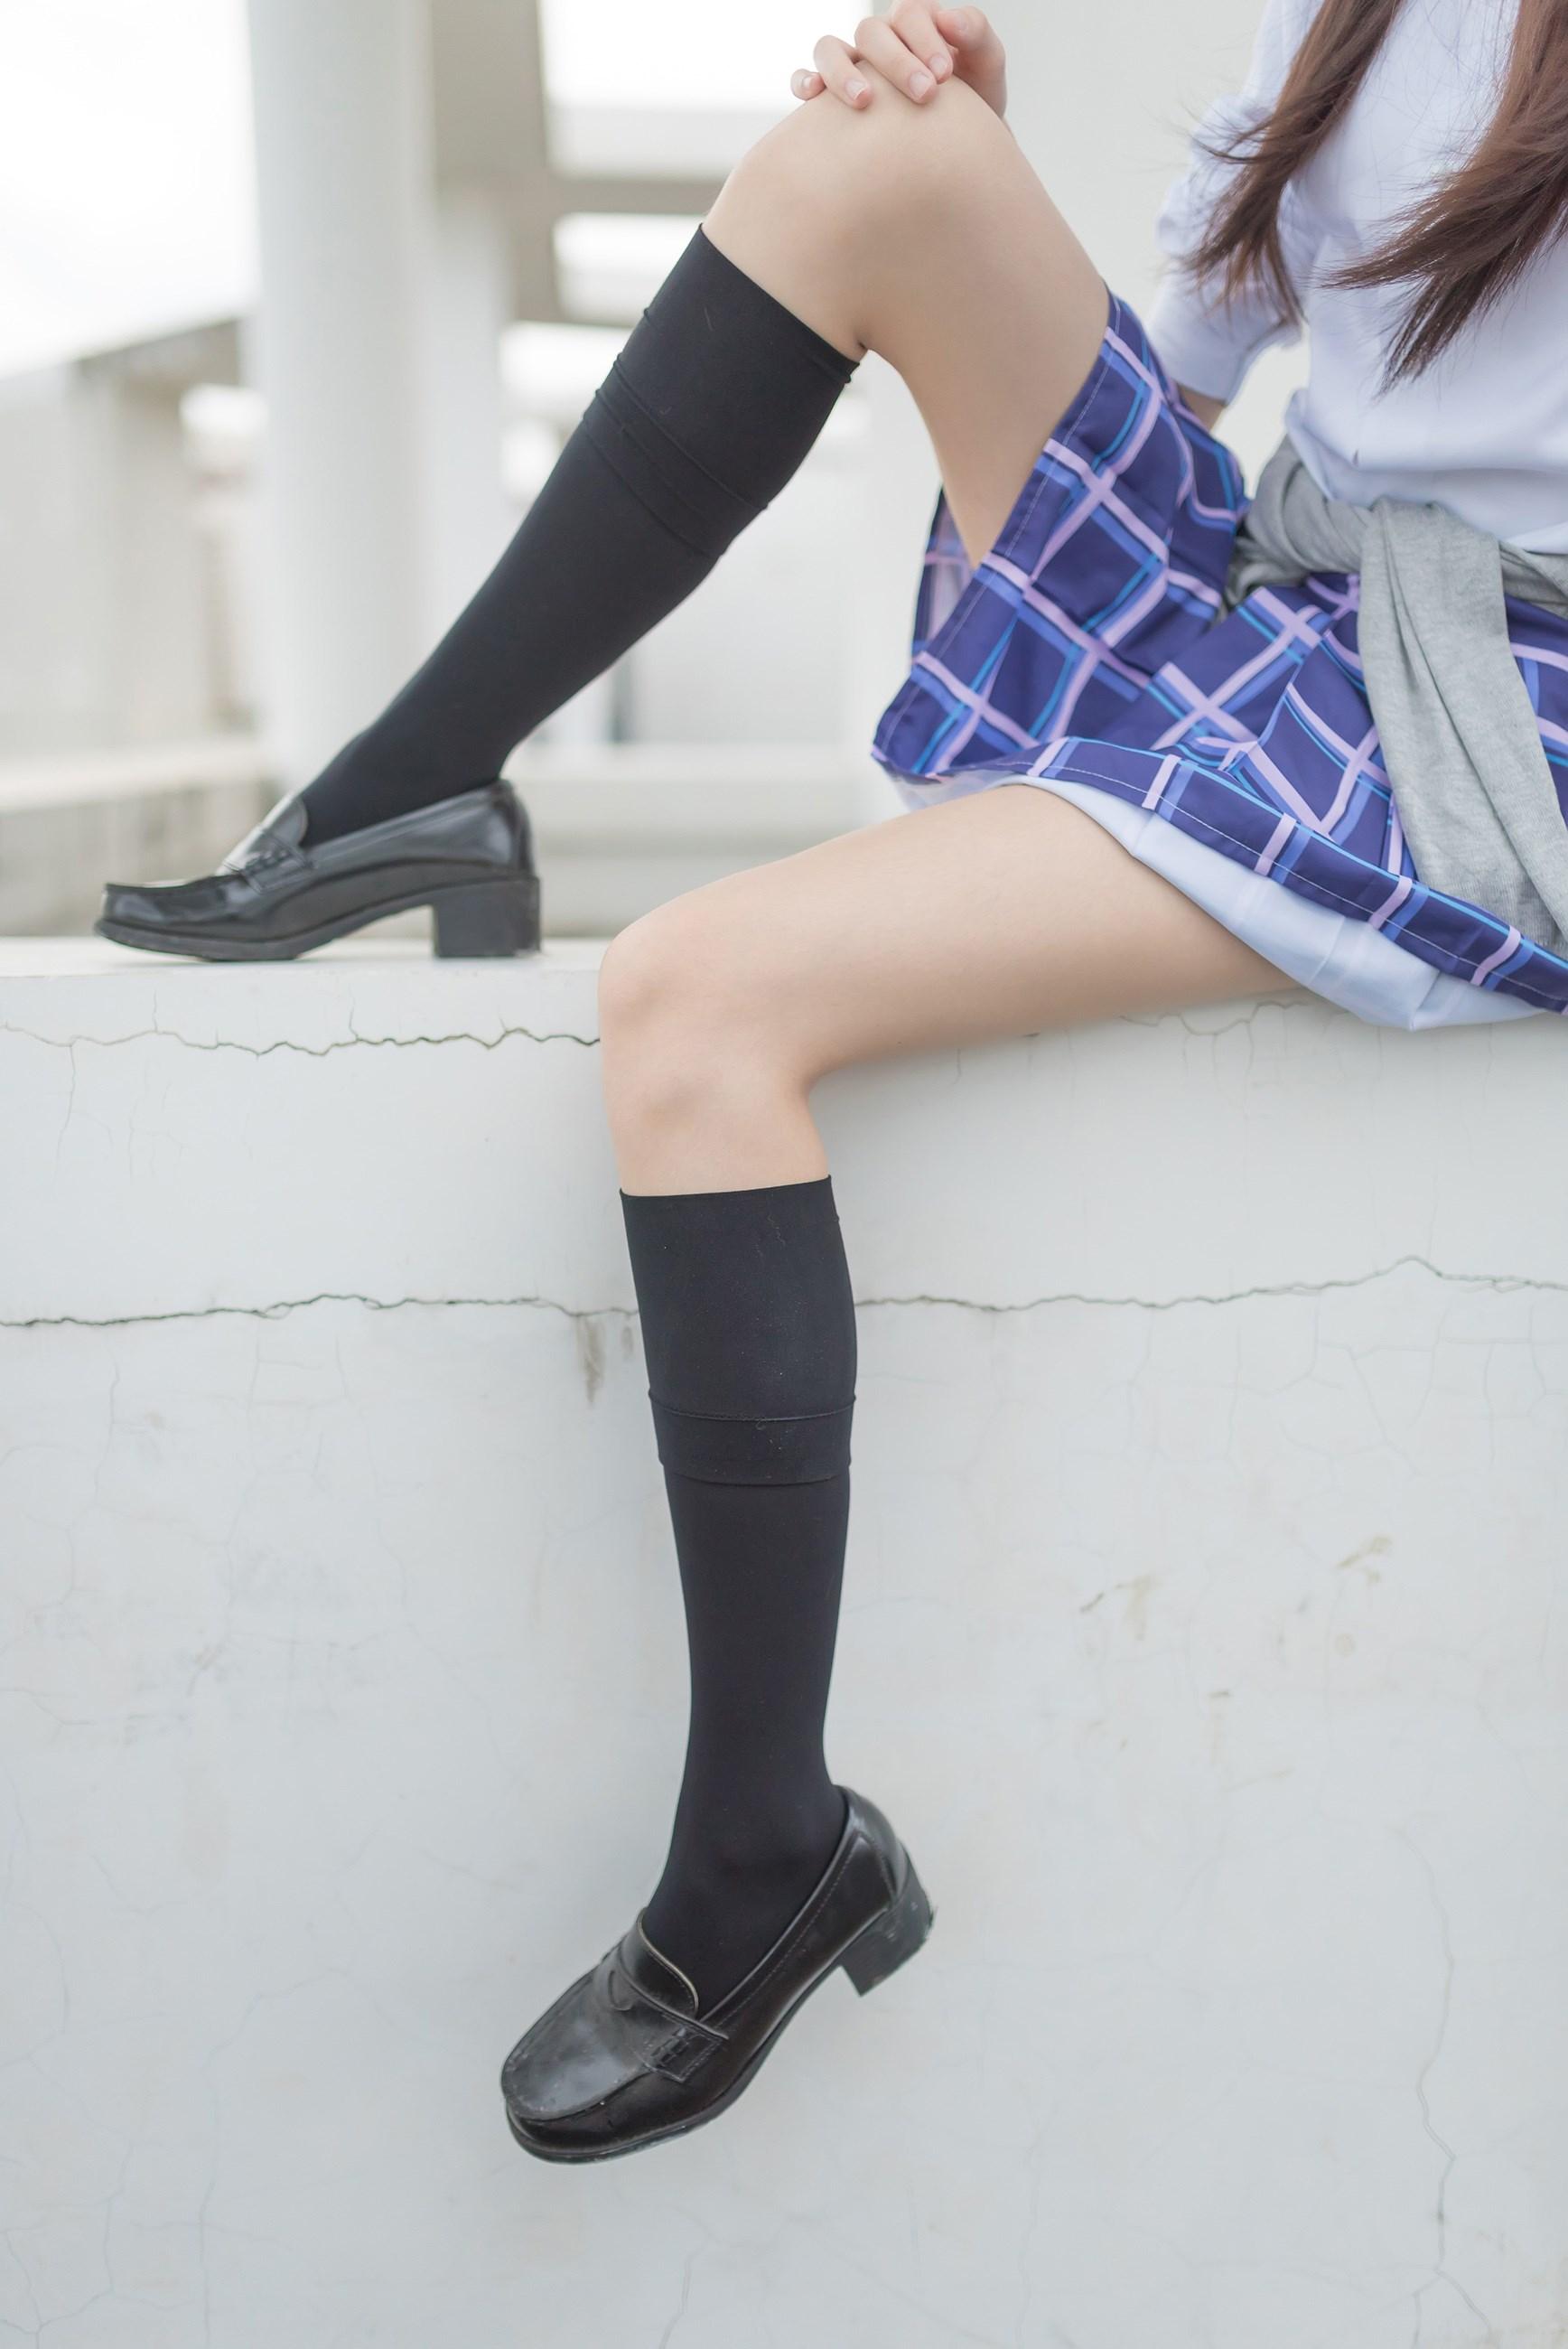 【兔玩映画】天台的蓝裙少女 兔玩映画 第35张